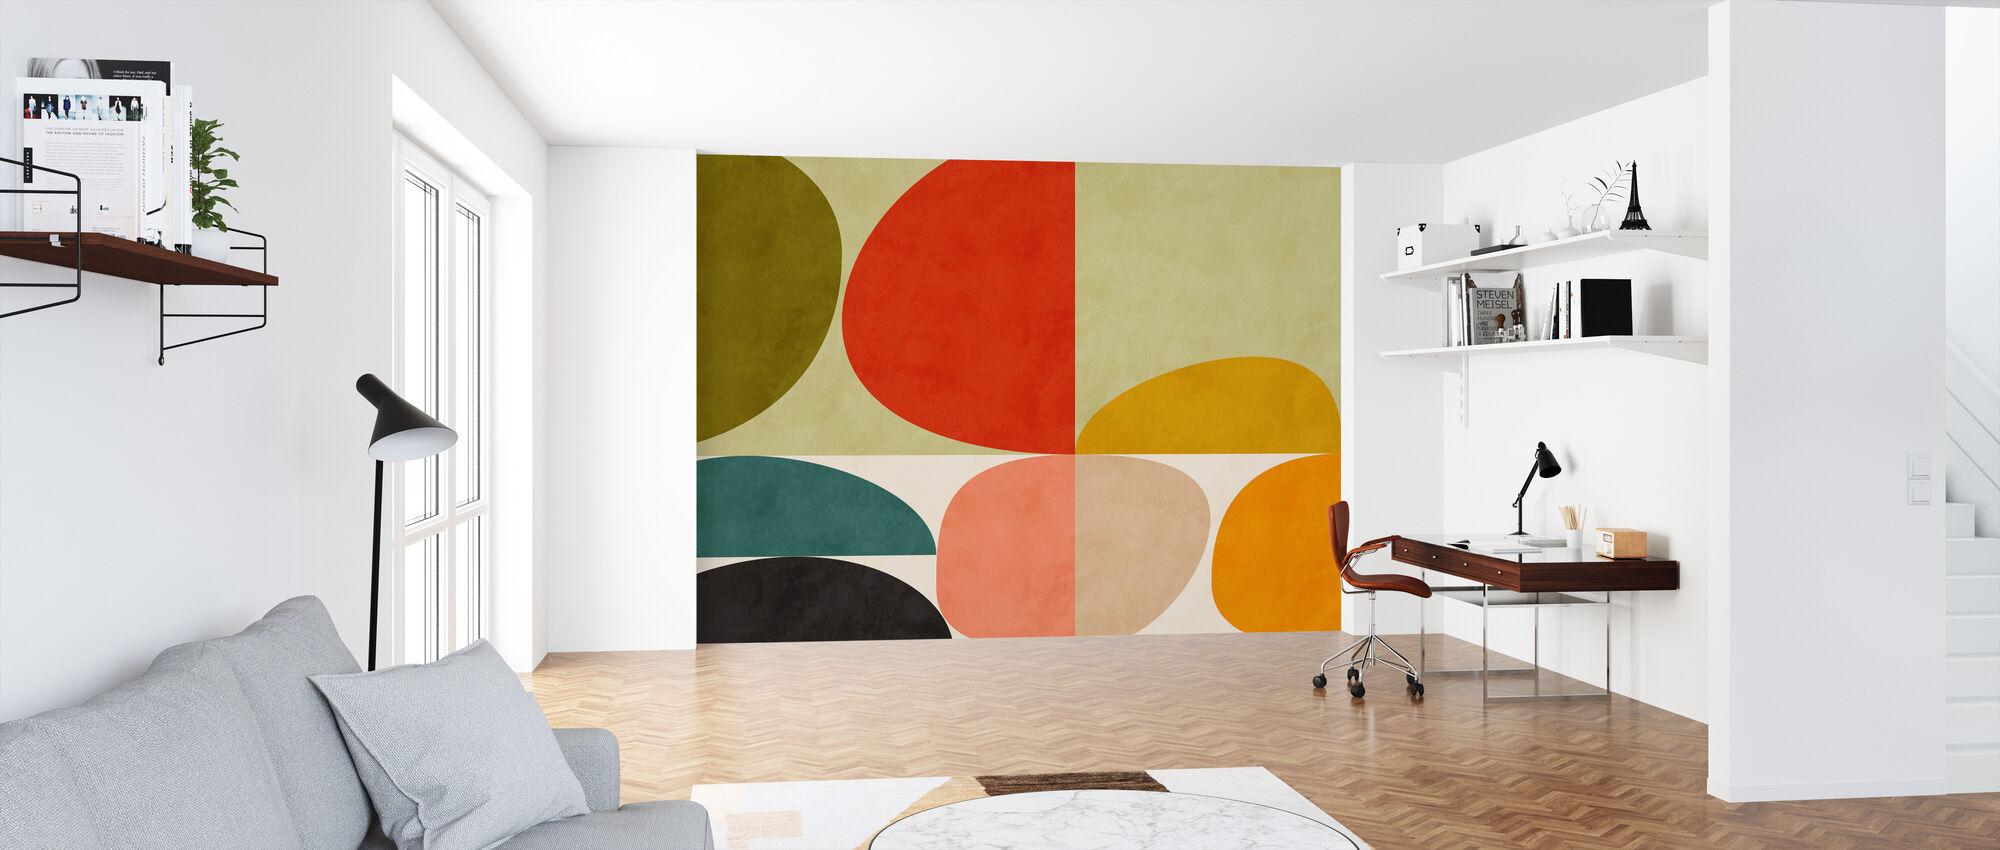 Circles Mid Century VIIII - Wallpaper - Office